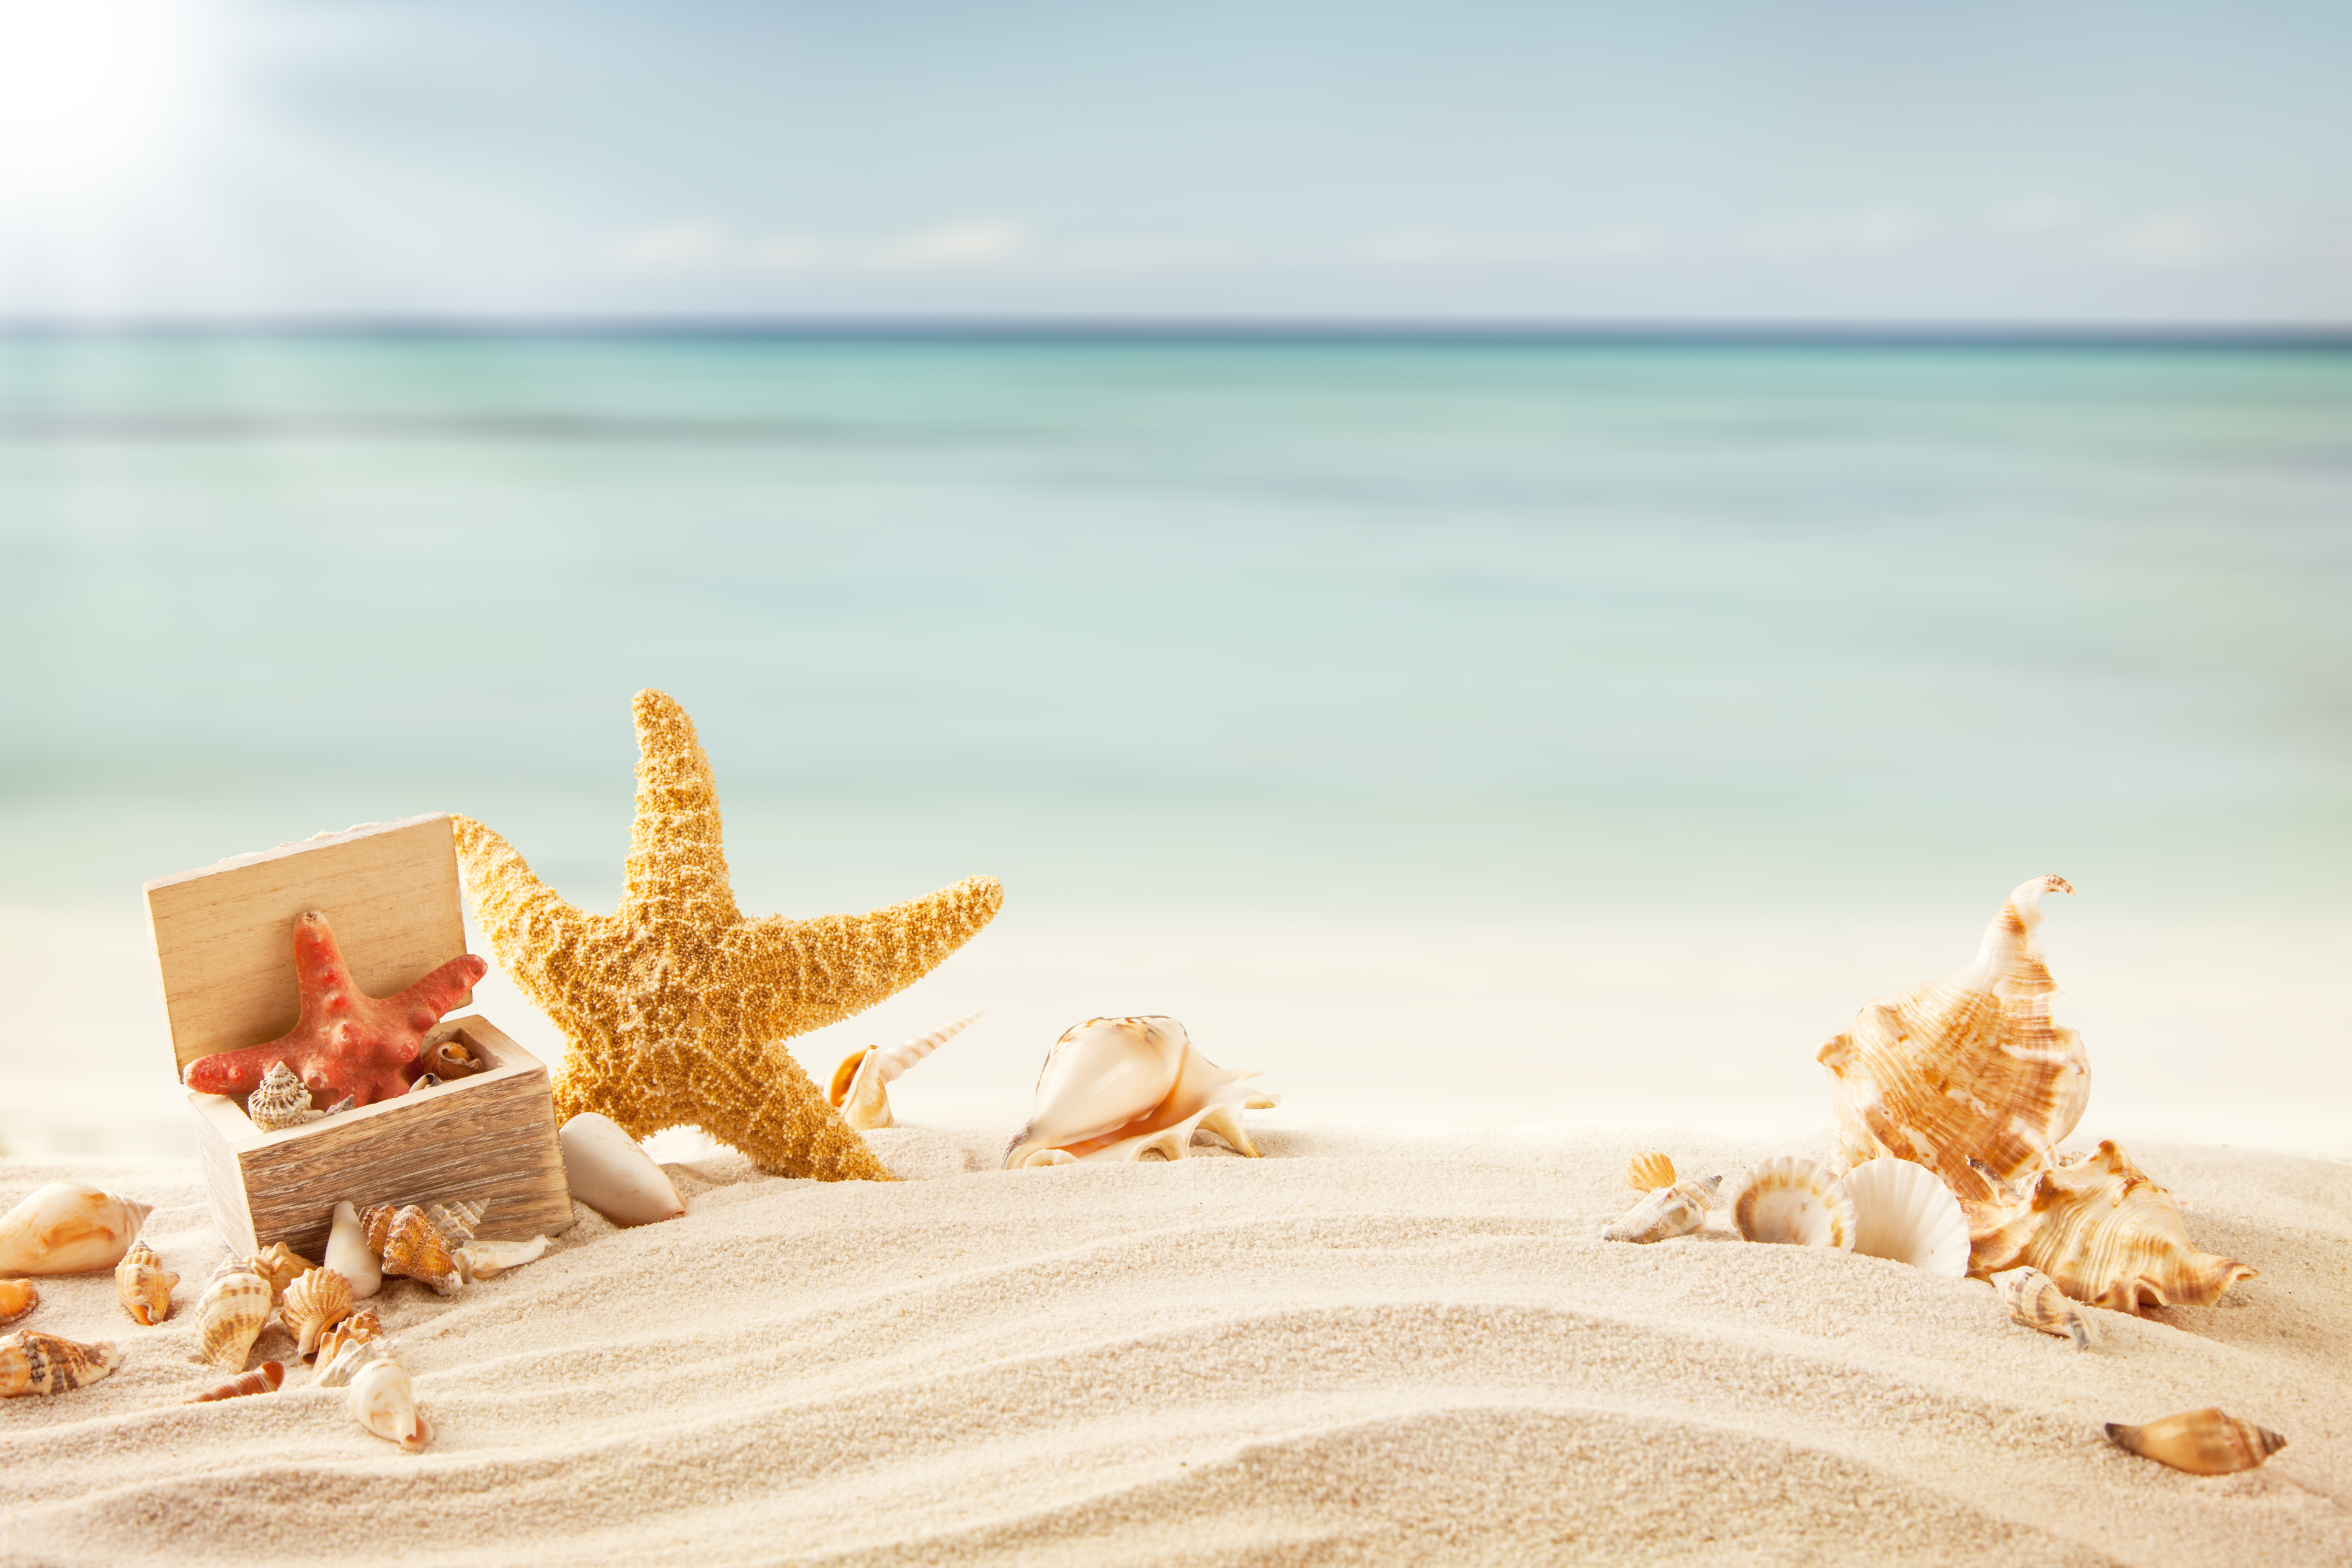 Летию, море пляж открытка